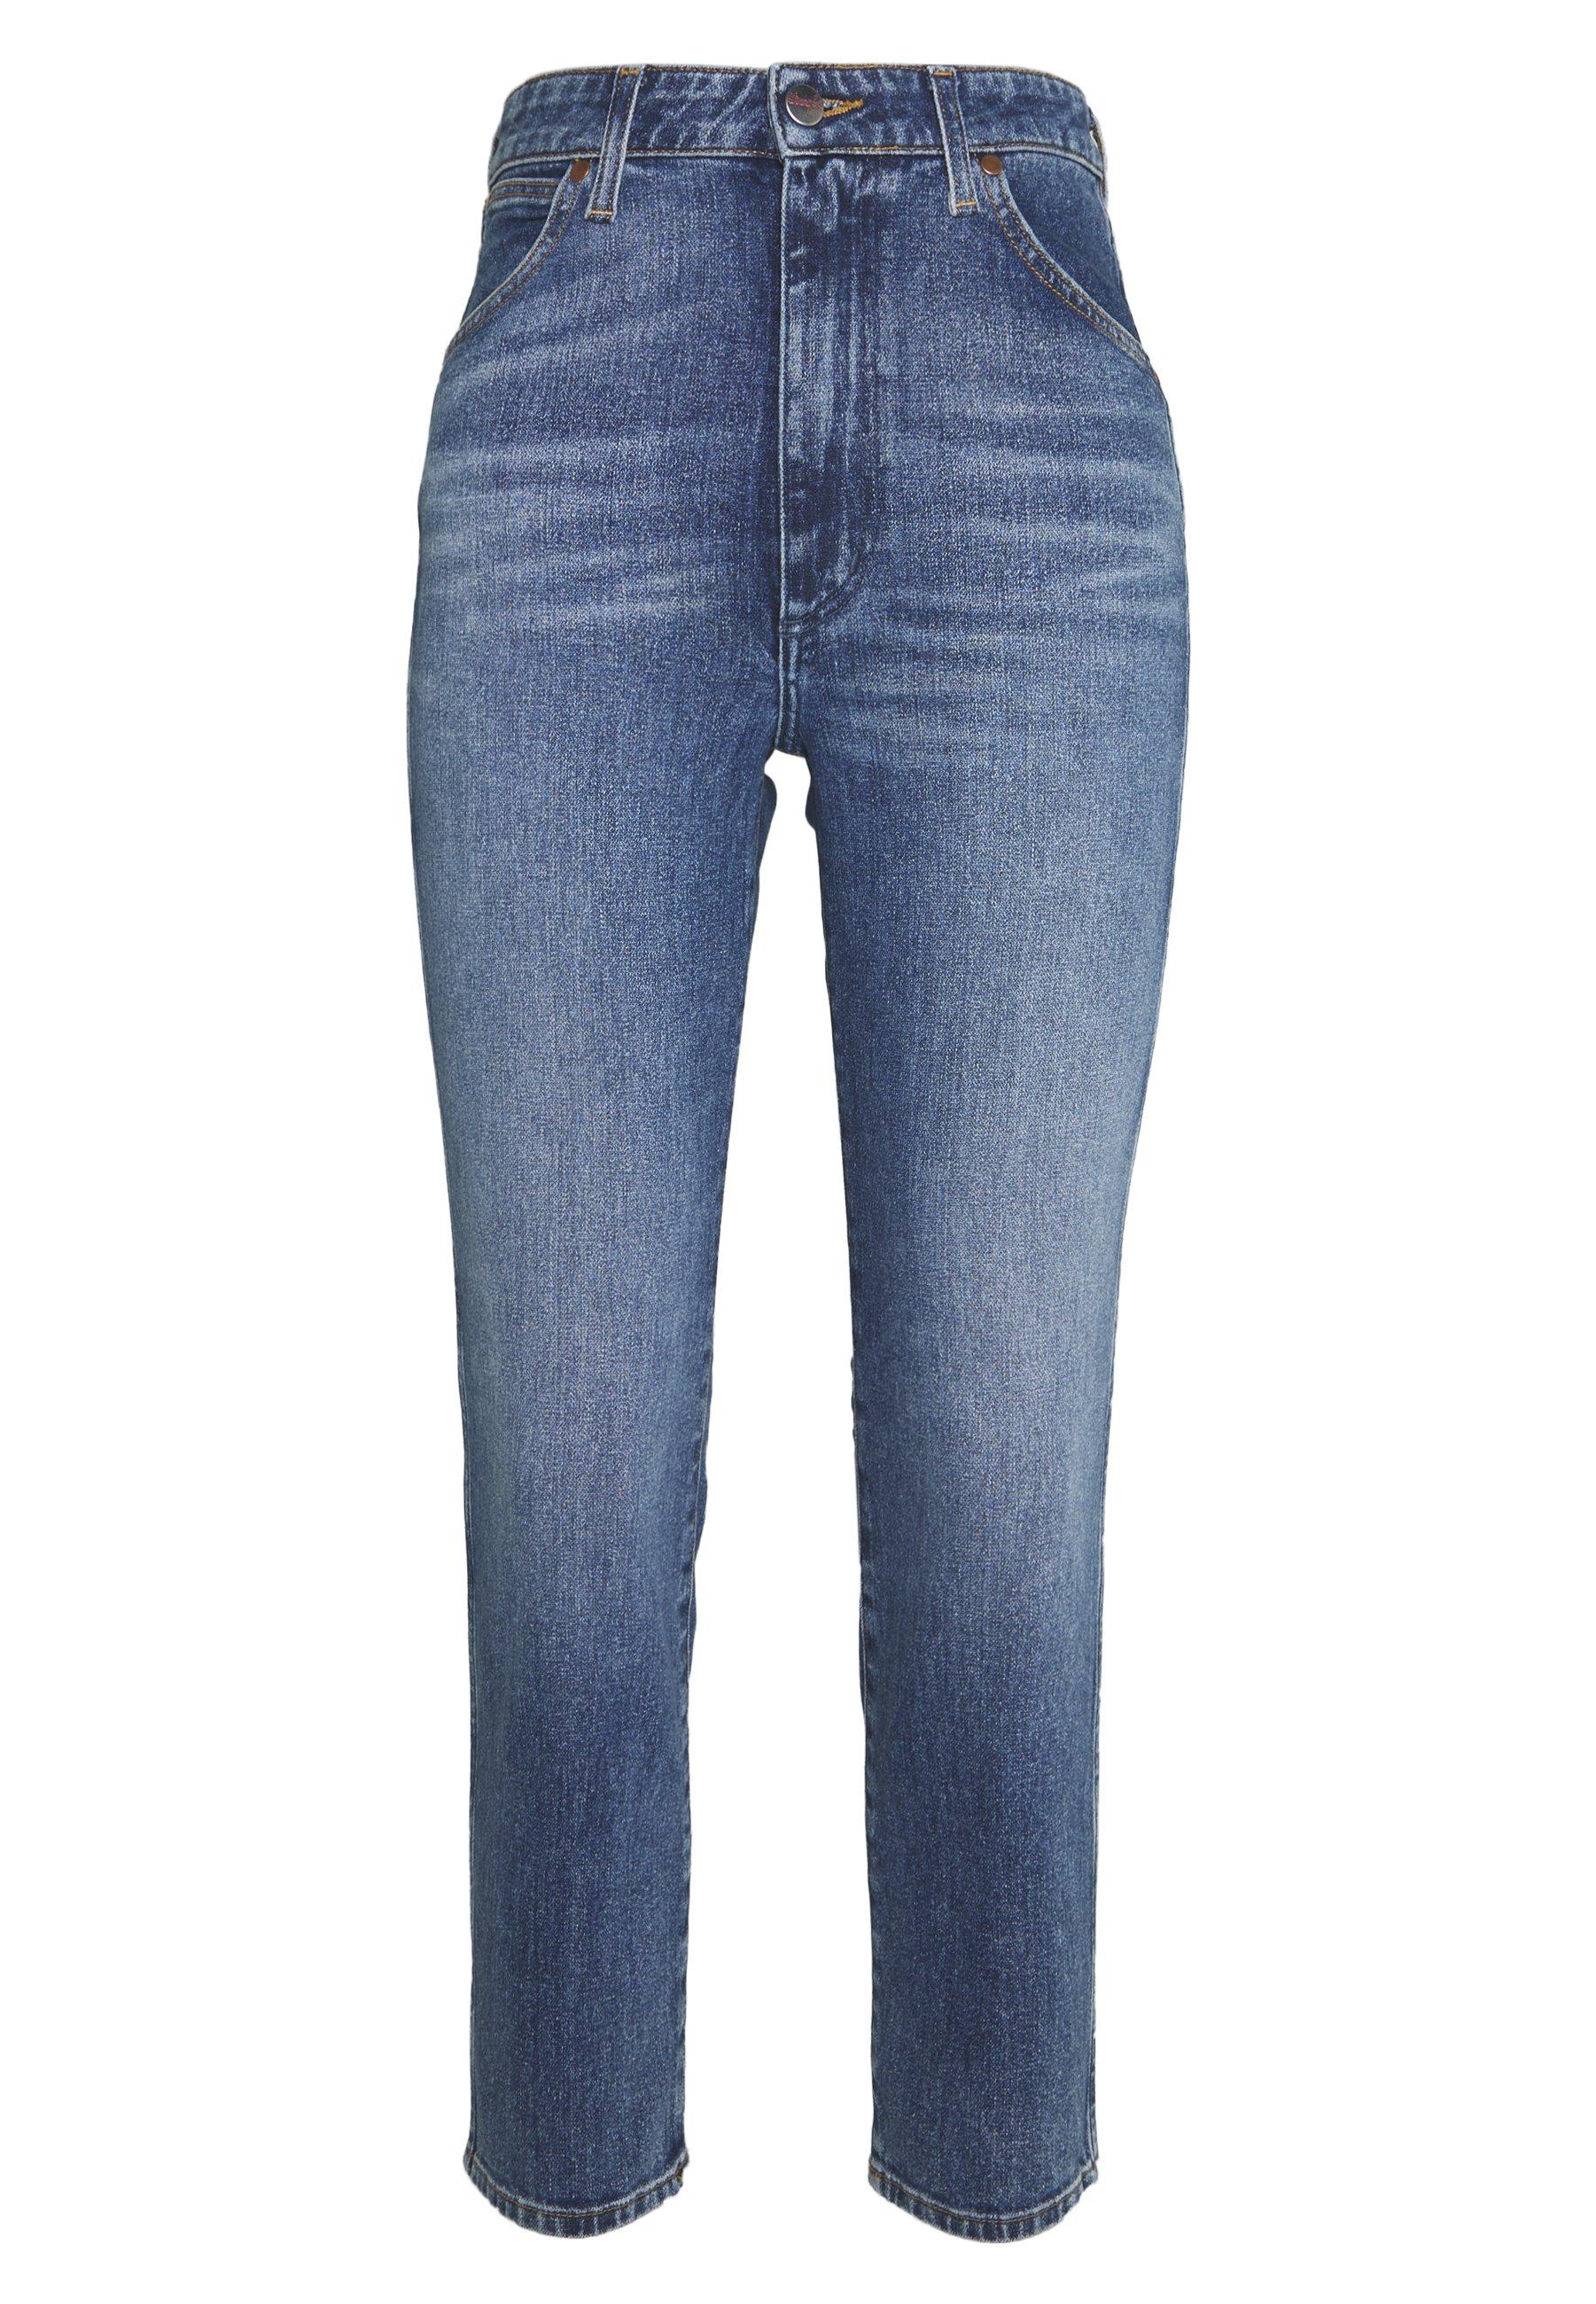 Wrangler Jeansy Slim Fit - blue denim